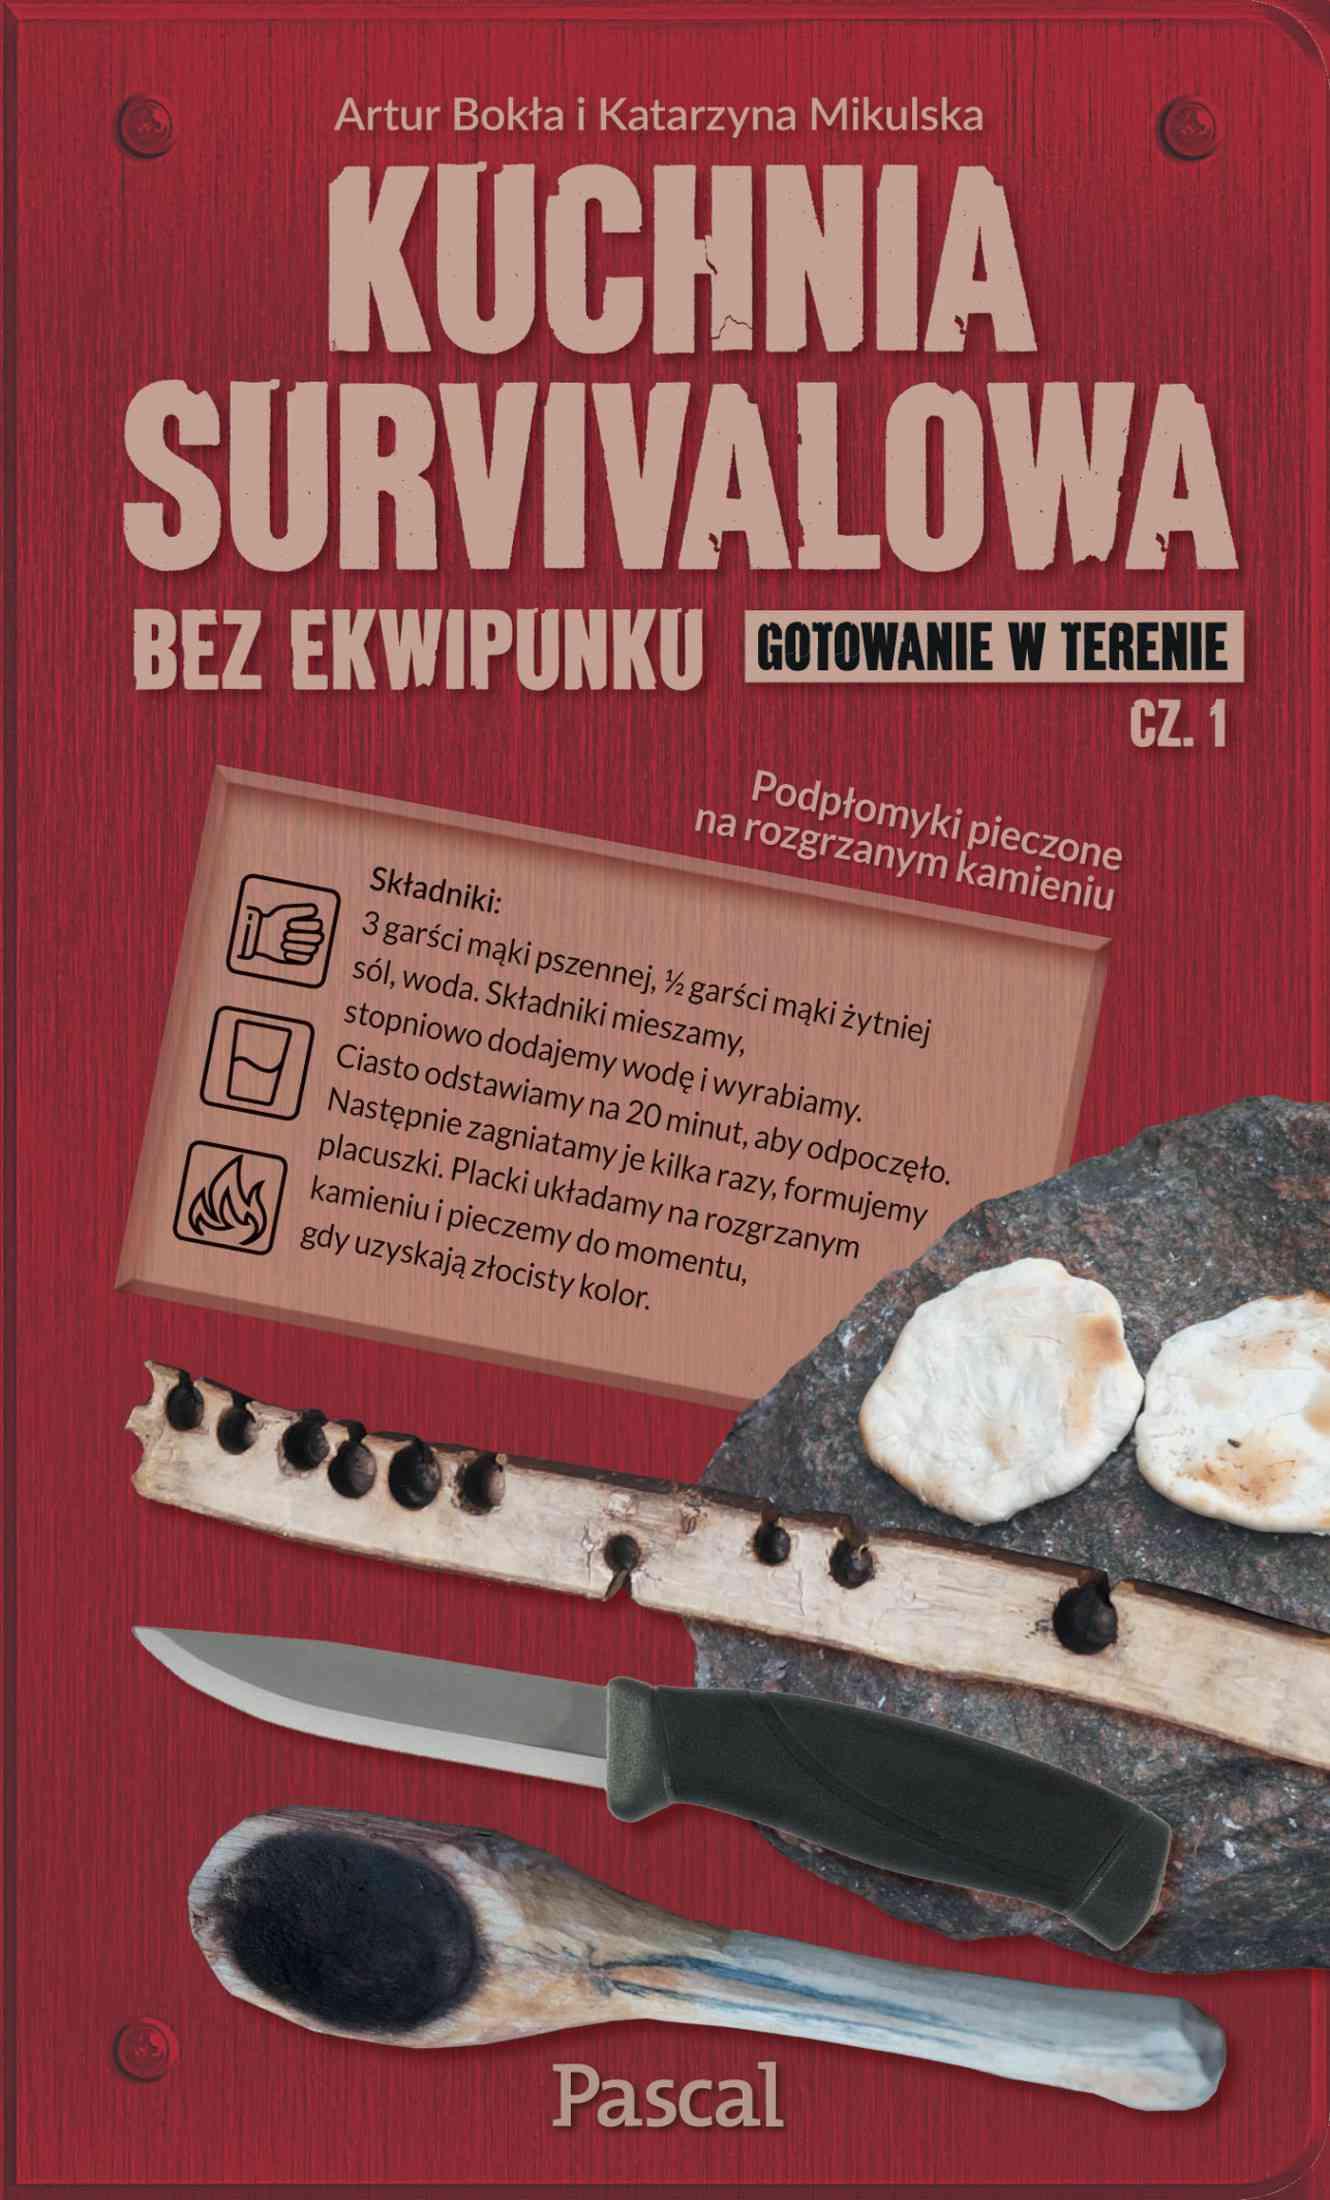 Kuchnia survivalowa. Część 1 - Ebook (Książka EPUB) do pobrania w formacie EPUB